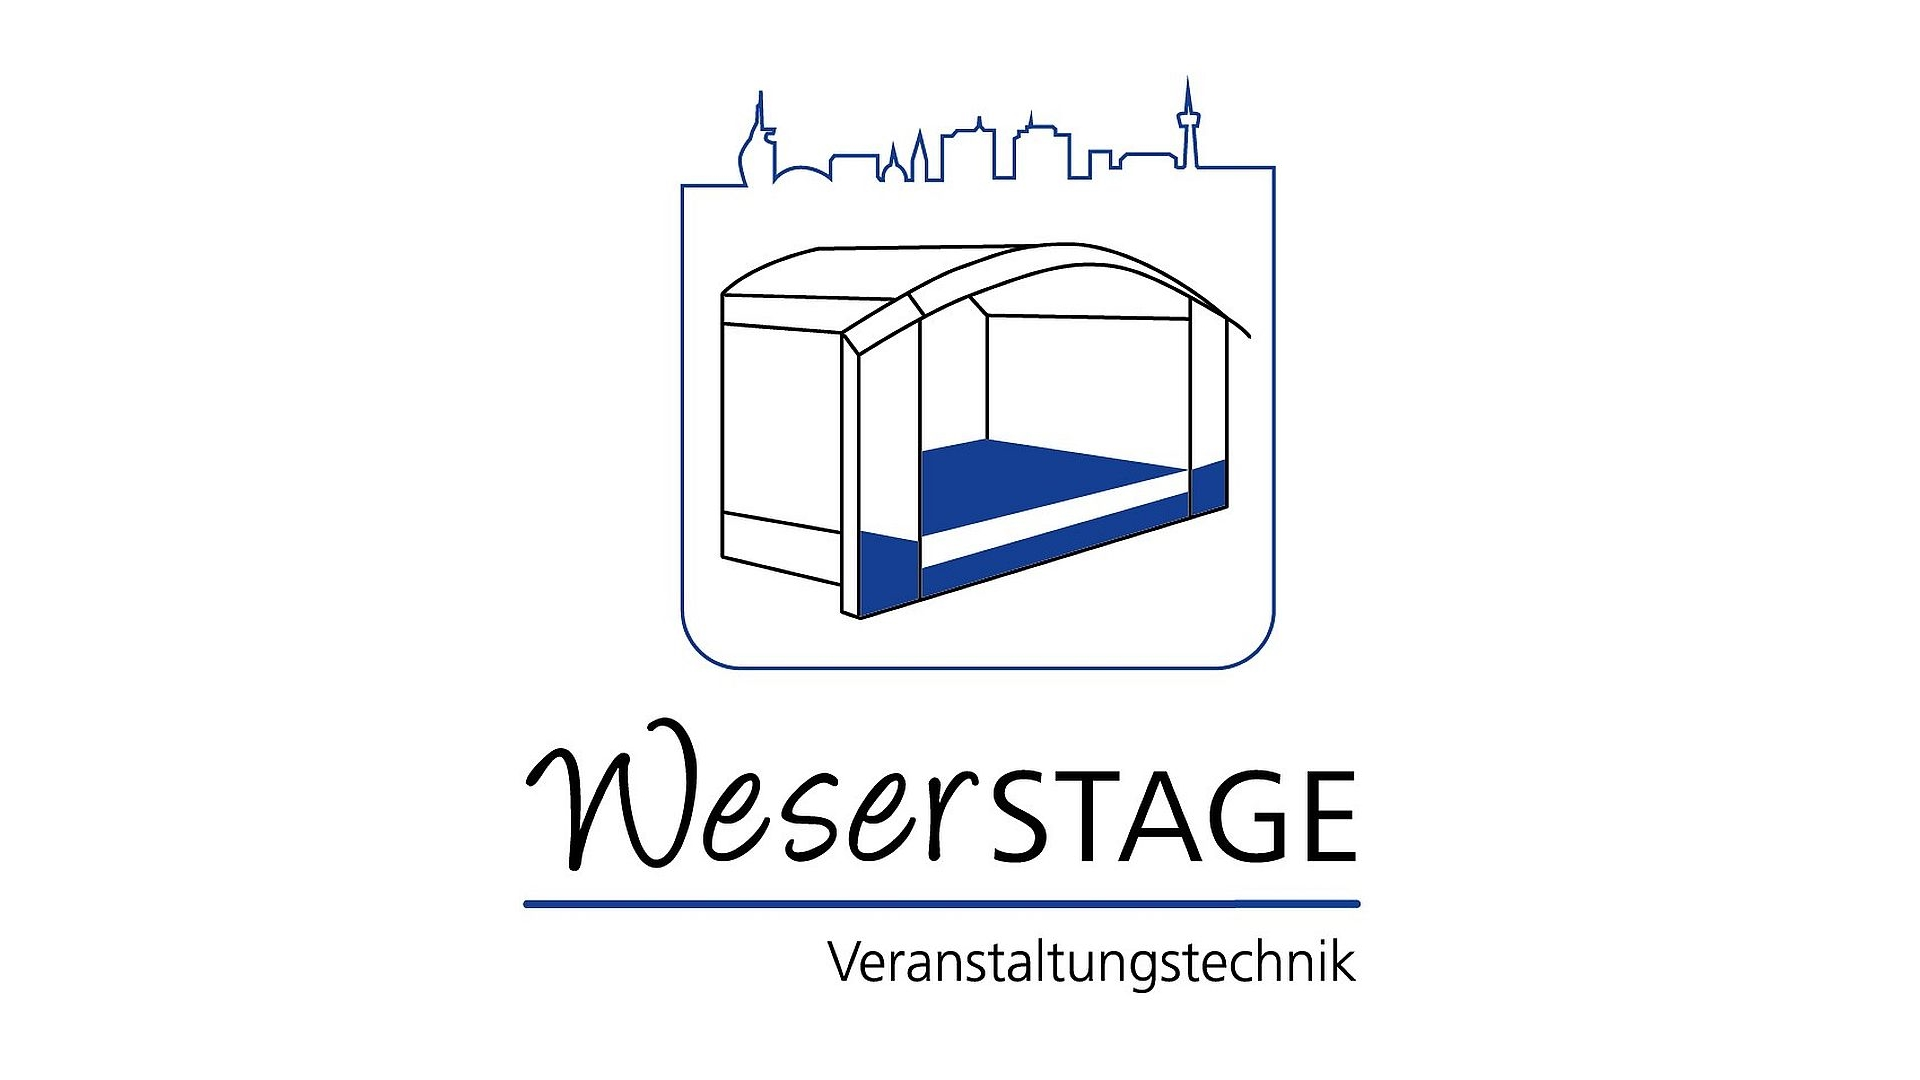 WeserStage - Veranstaltungstechnik - Logo